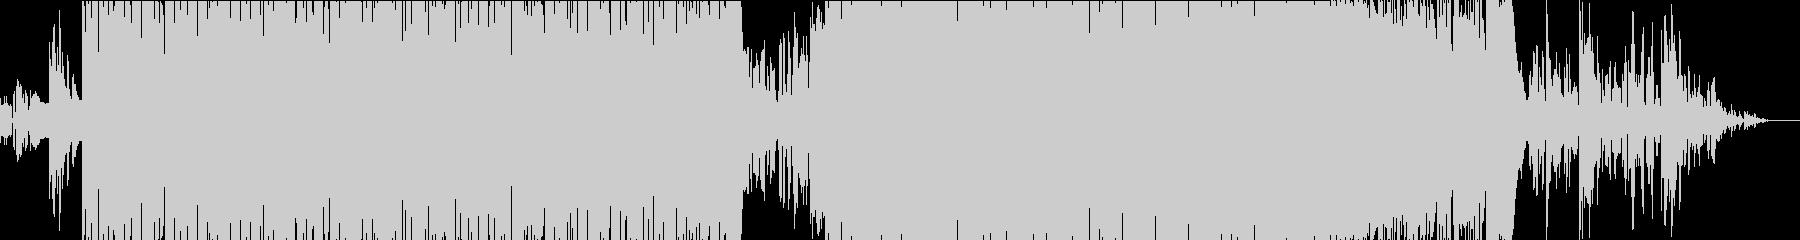 5 per 8の未再生の波形